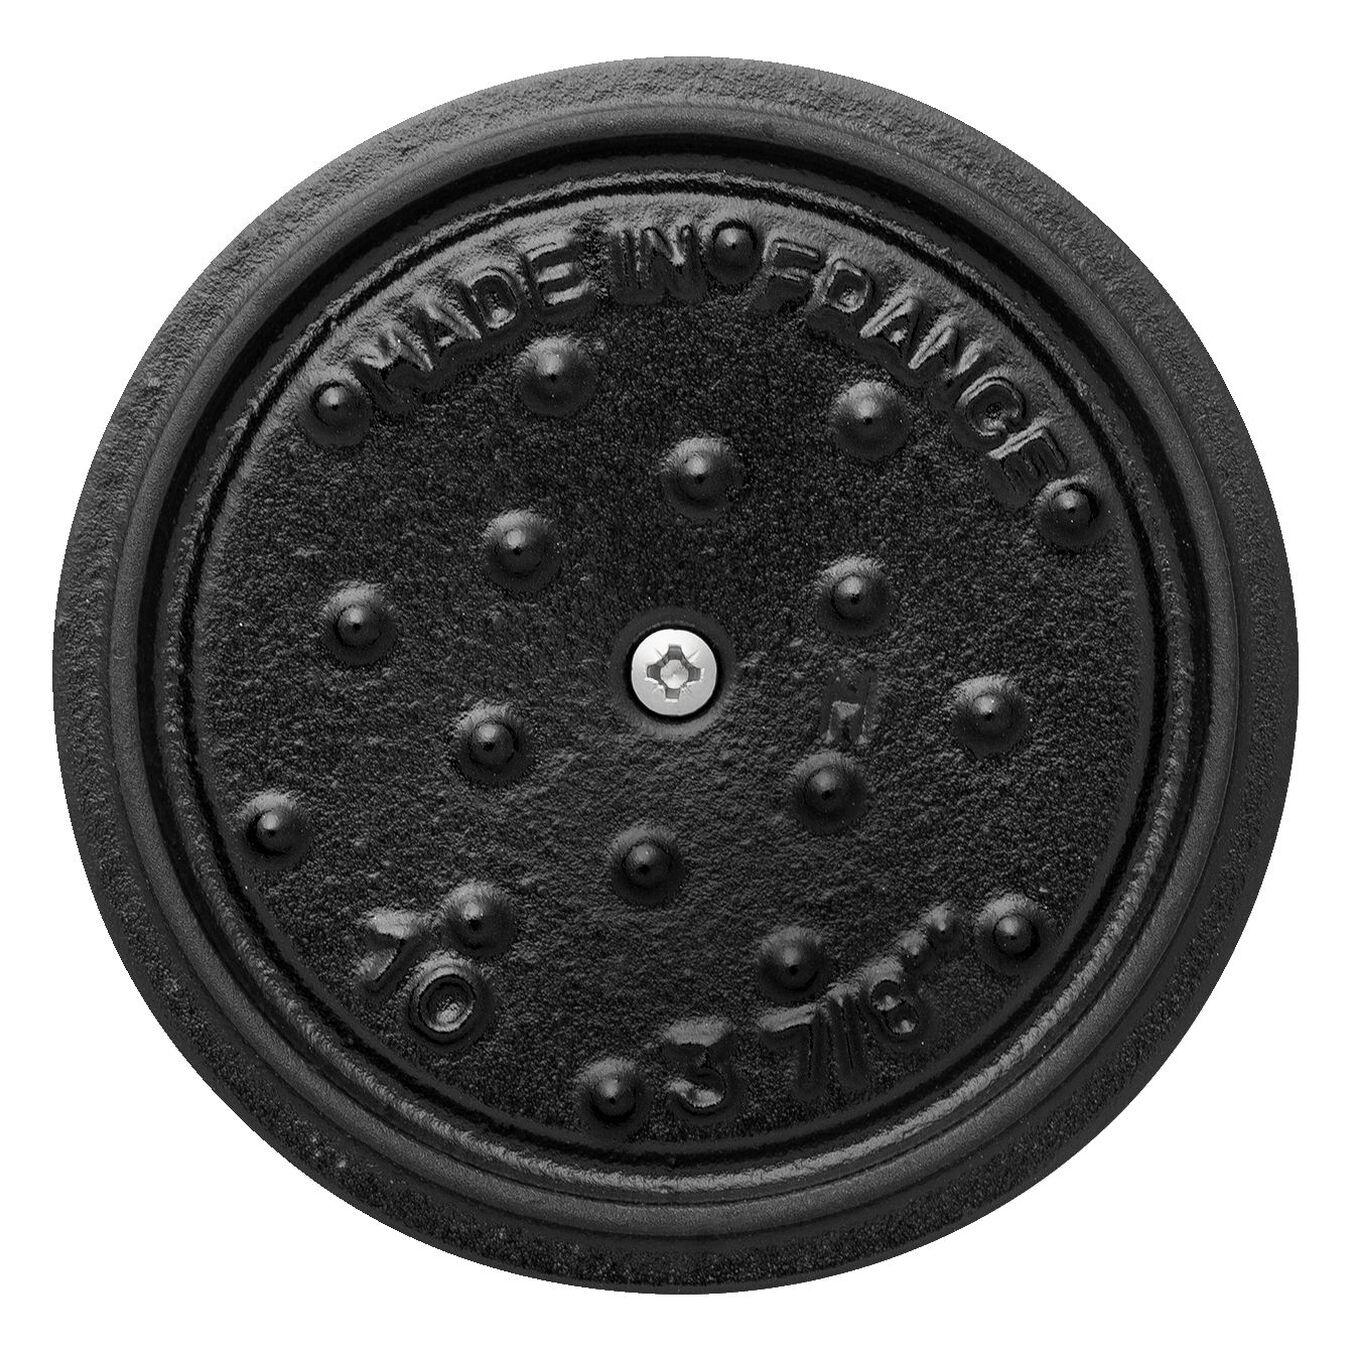 Mini Cocotte 10 cm, rund, Weisser Trüffel, Gusseisen,,large 6